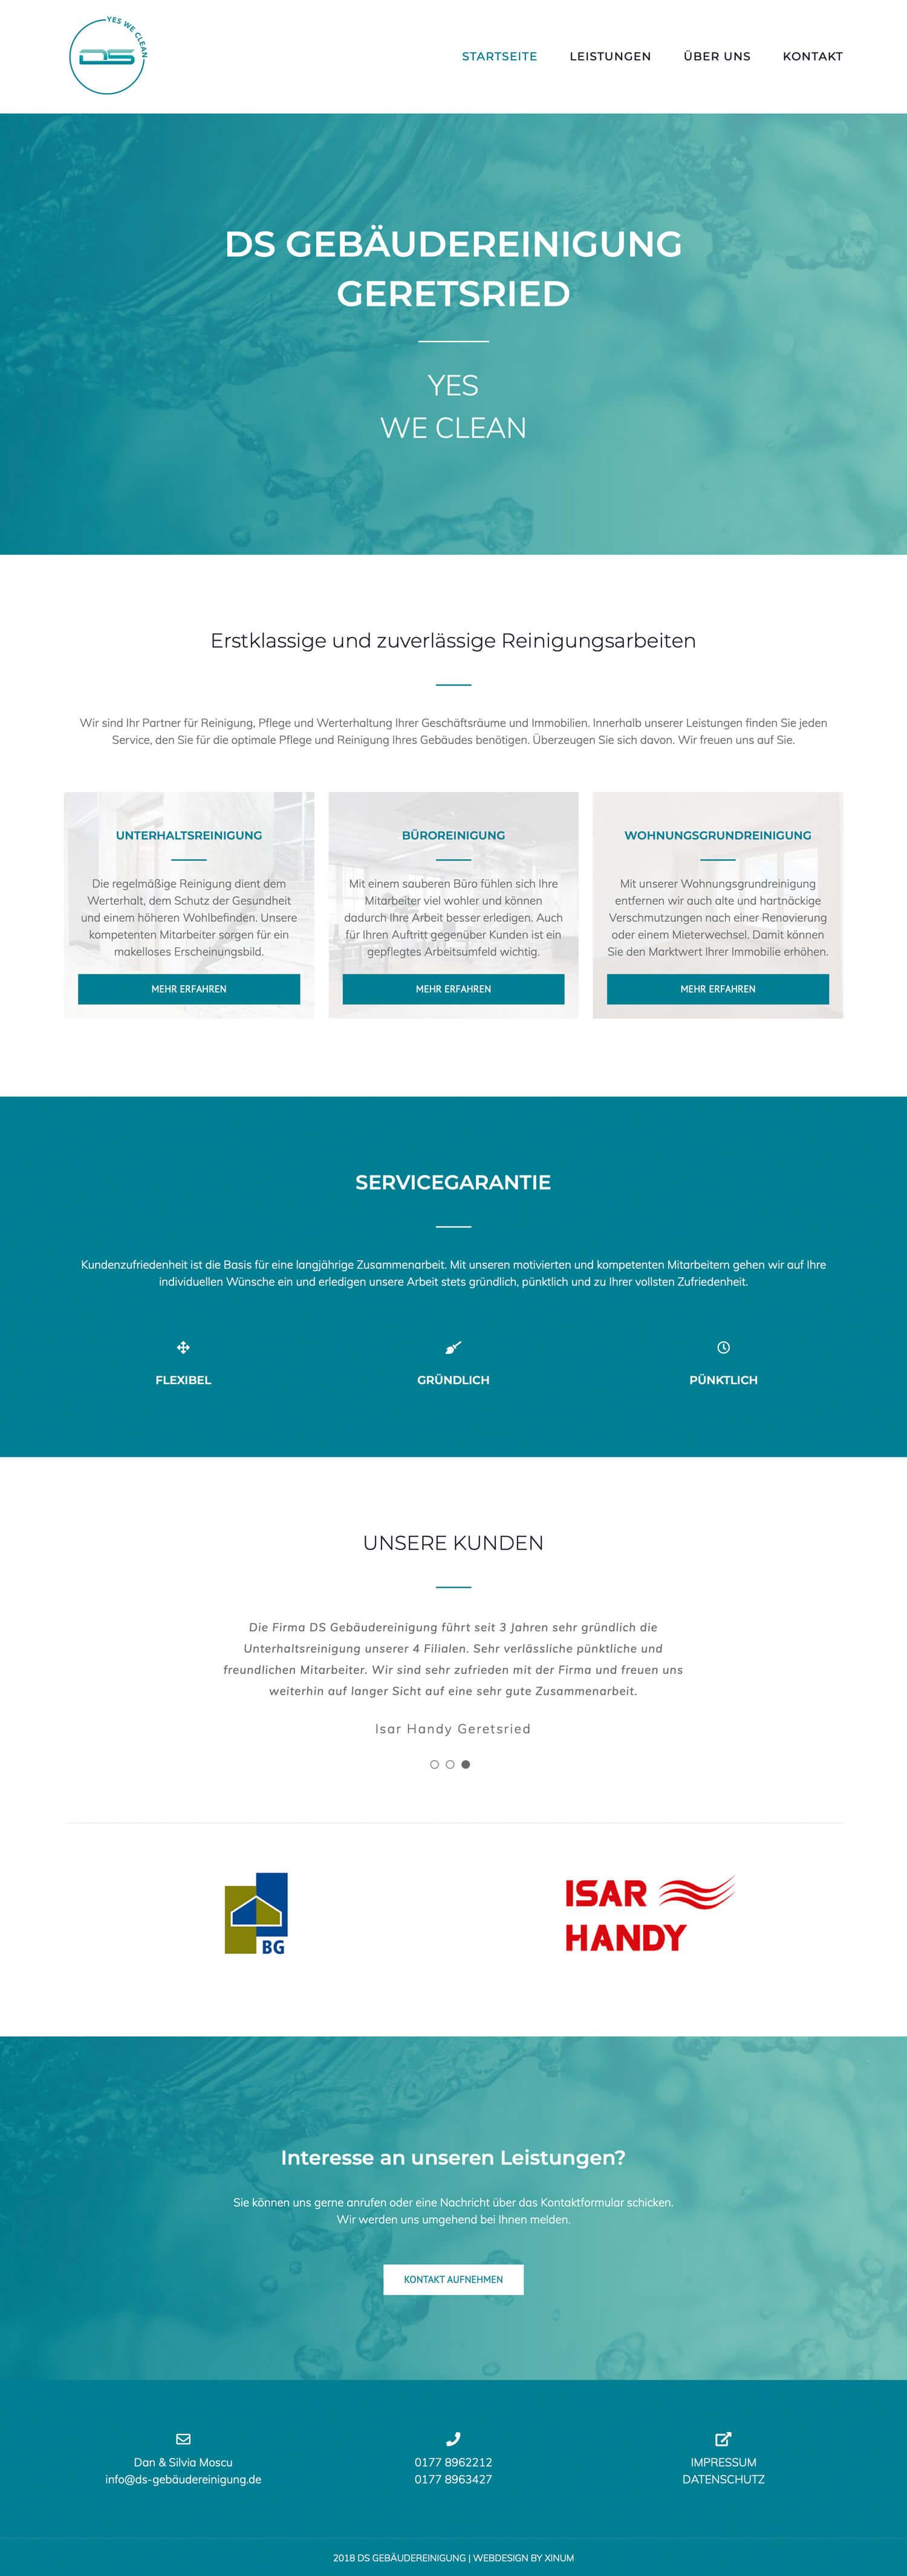 Website DS Gebäudereinigung